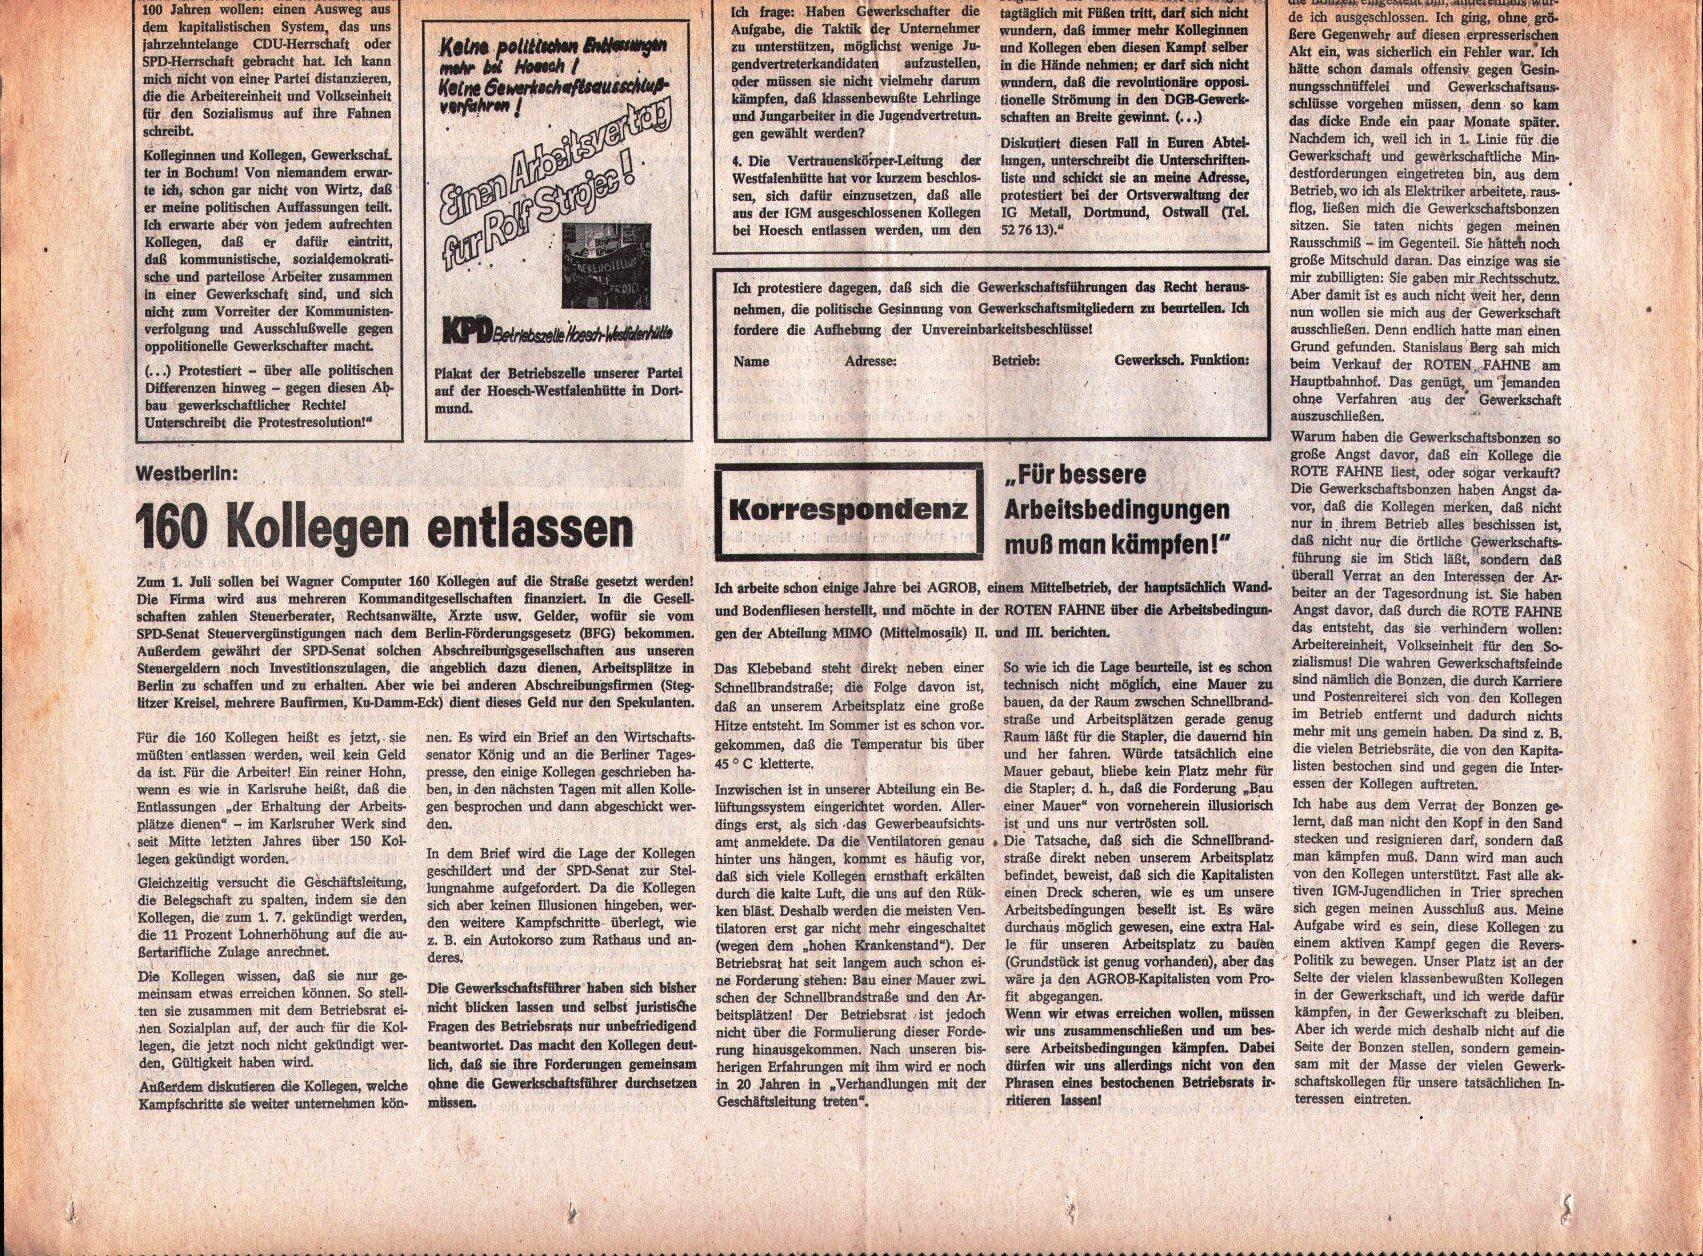 KPD_Rote_Fahne_1974_20_08